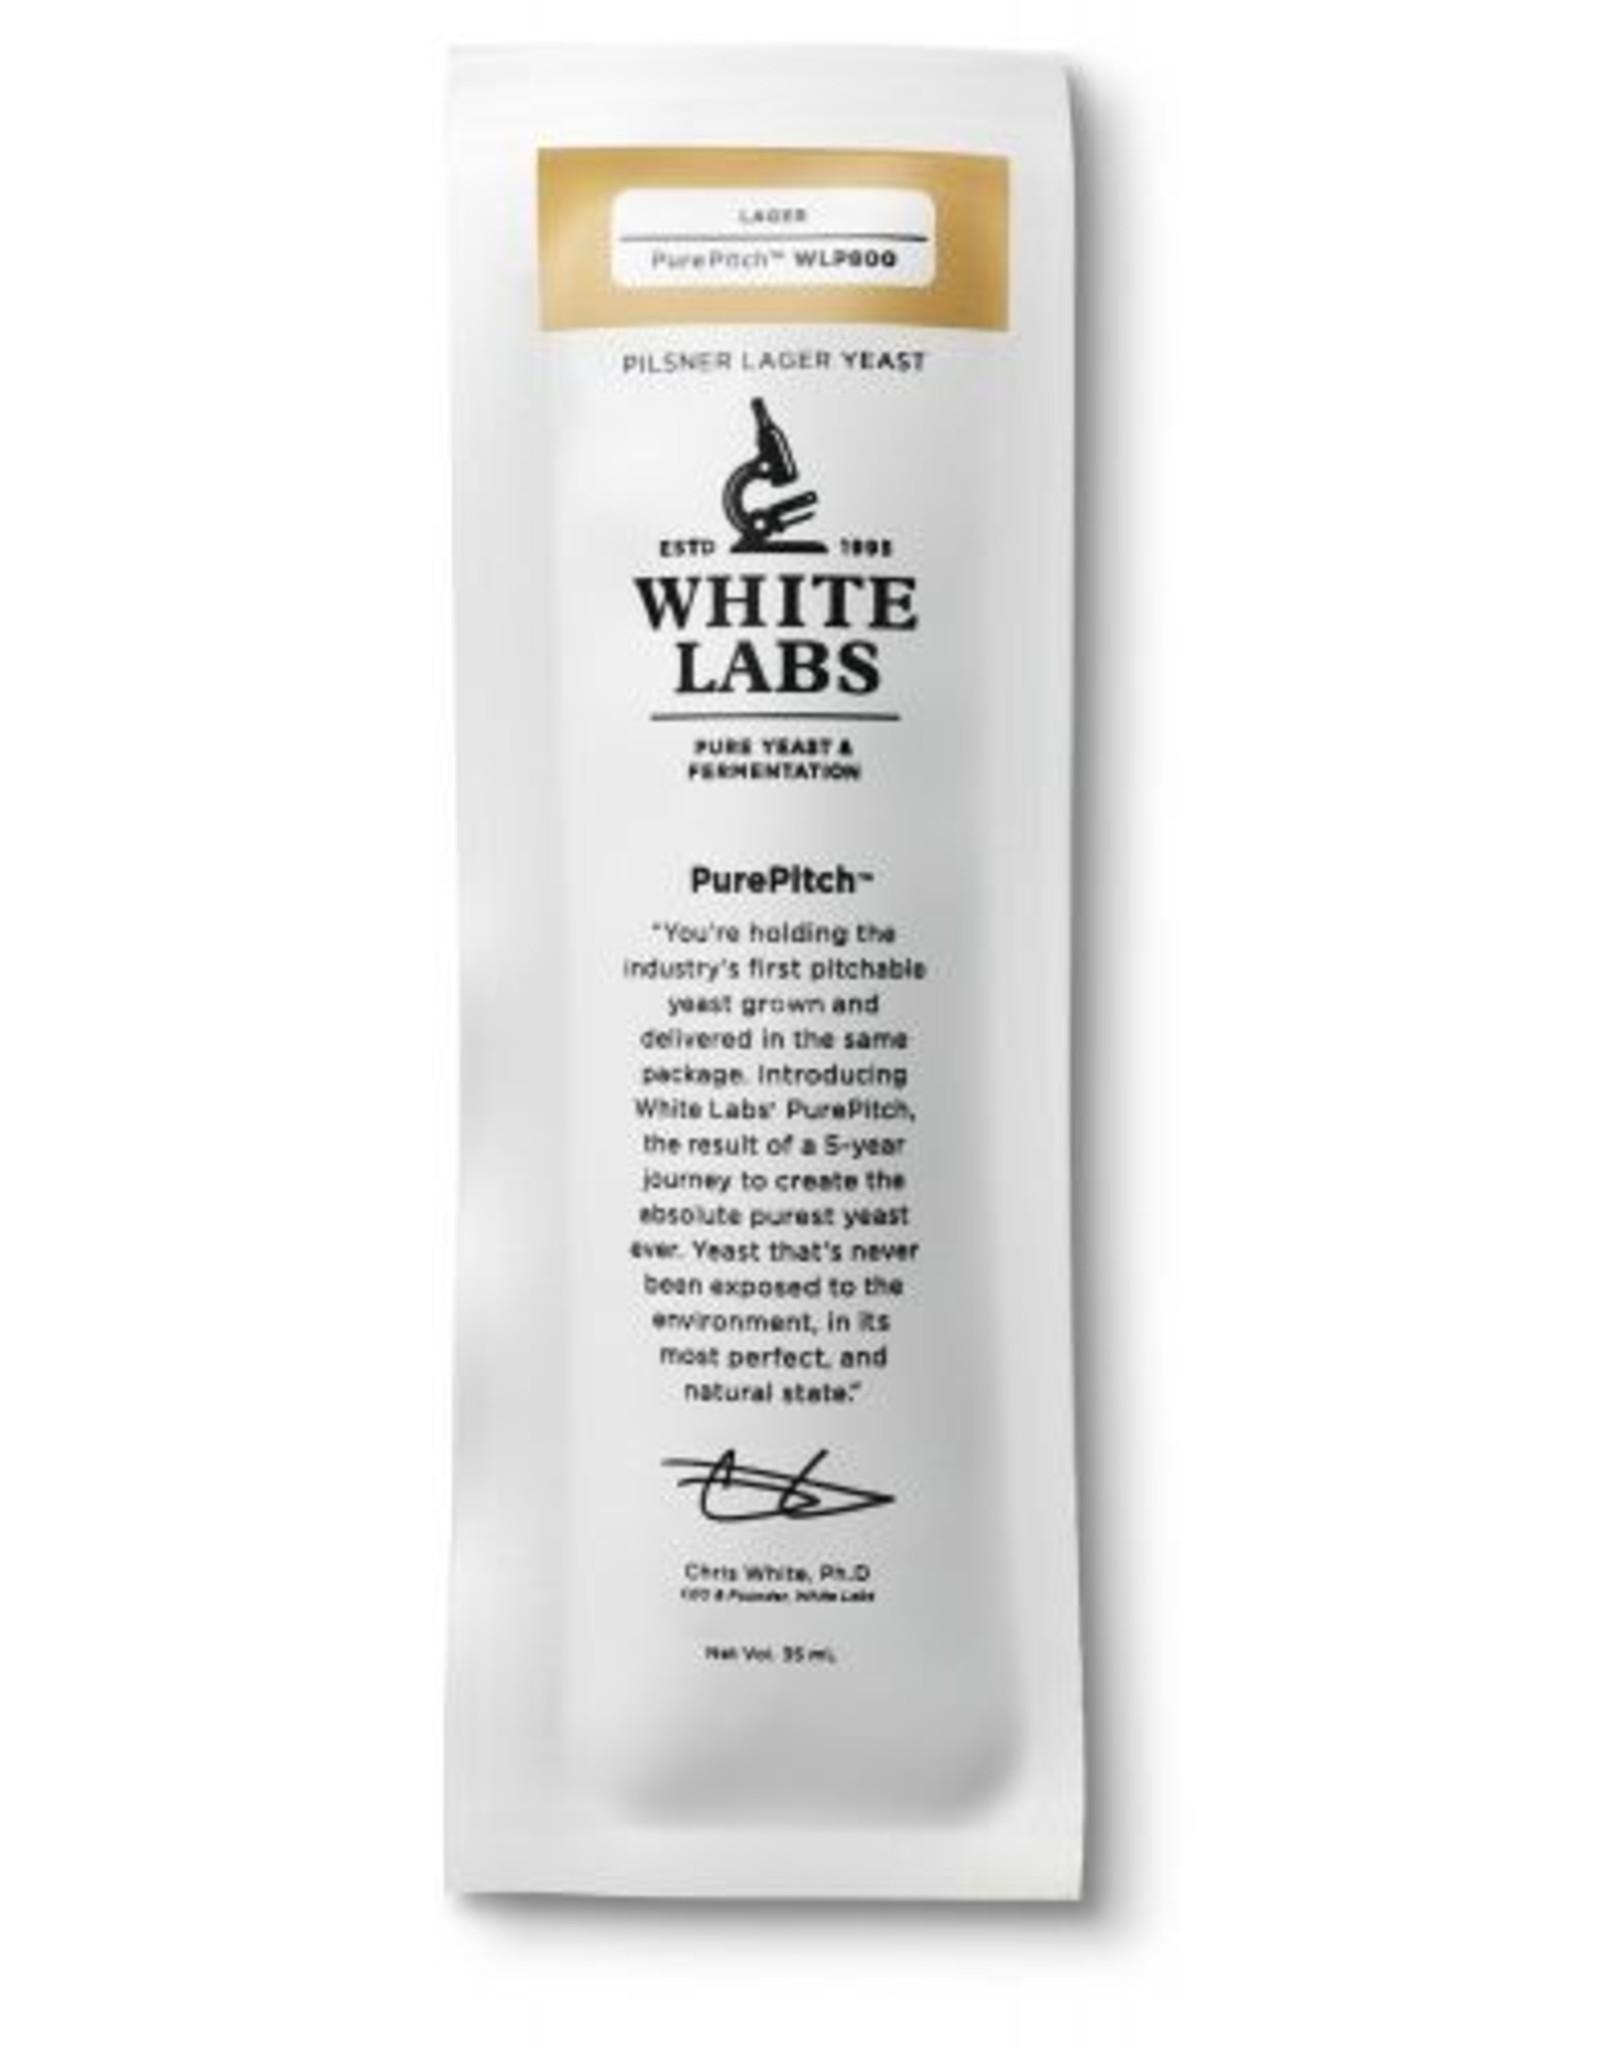 WLP644 WHITE LABS SACCHAROMYCES BRUX-LIKE TROIS